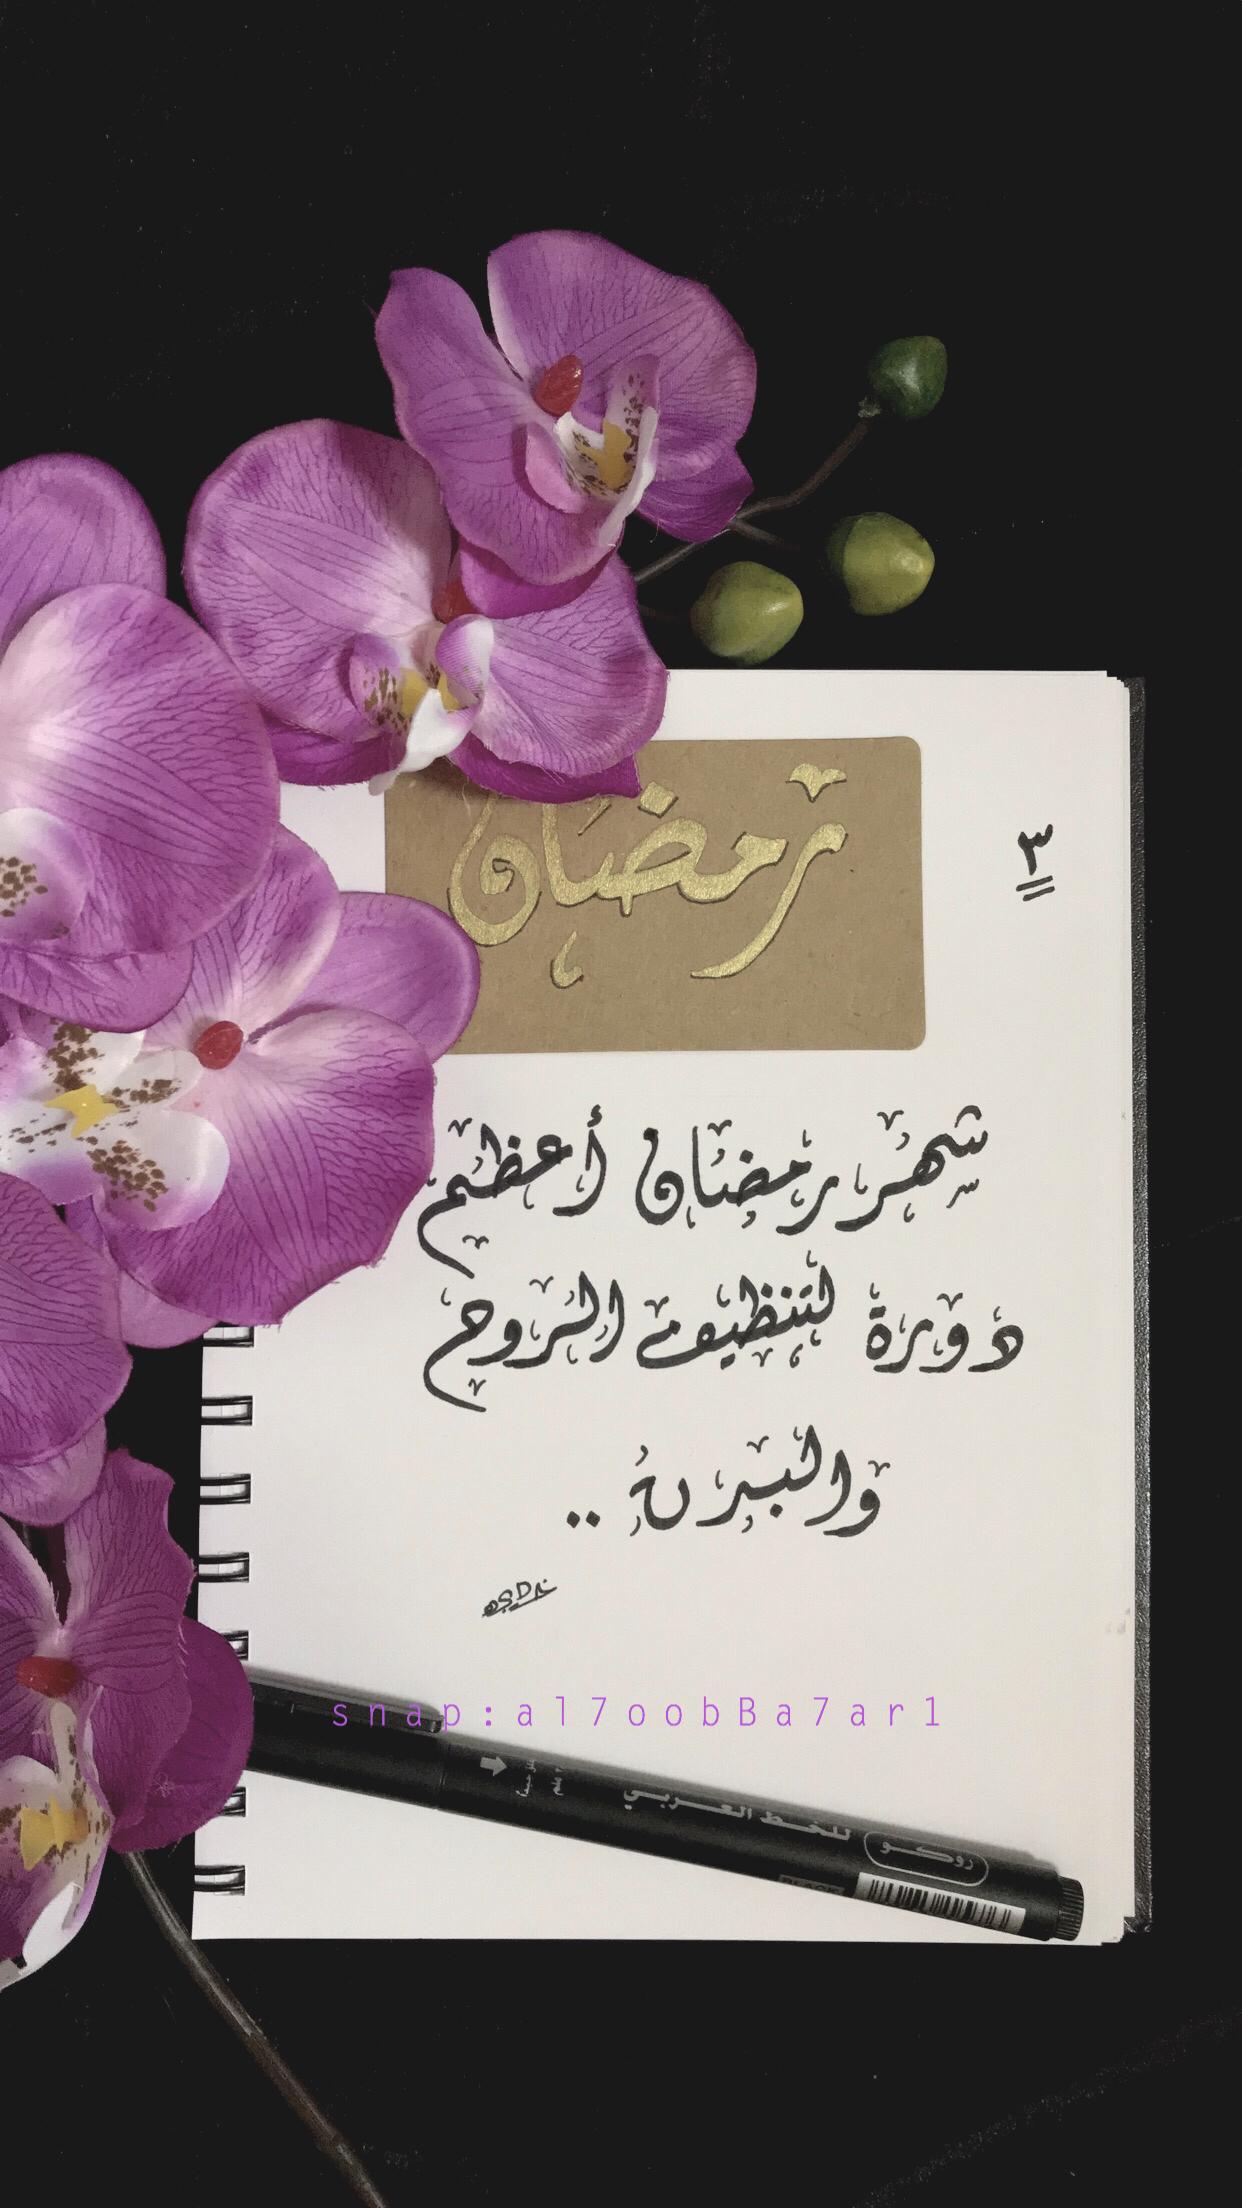 ٣ رمضان شهر رمضان أعظم دورة لـ تنظيف الروح والبدن الخط العربي خطي الخط الديواني Islamic Pictures Quran Verses Ramadan